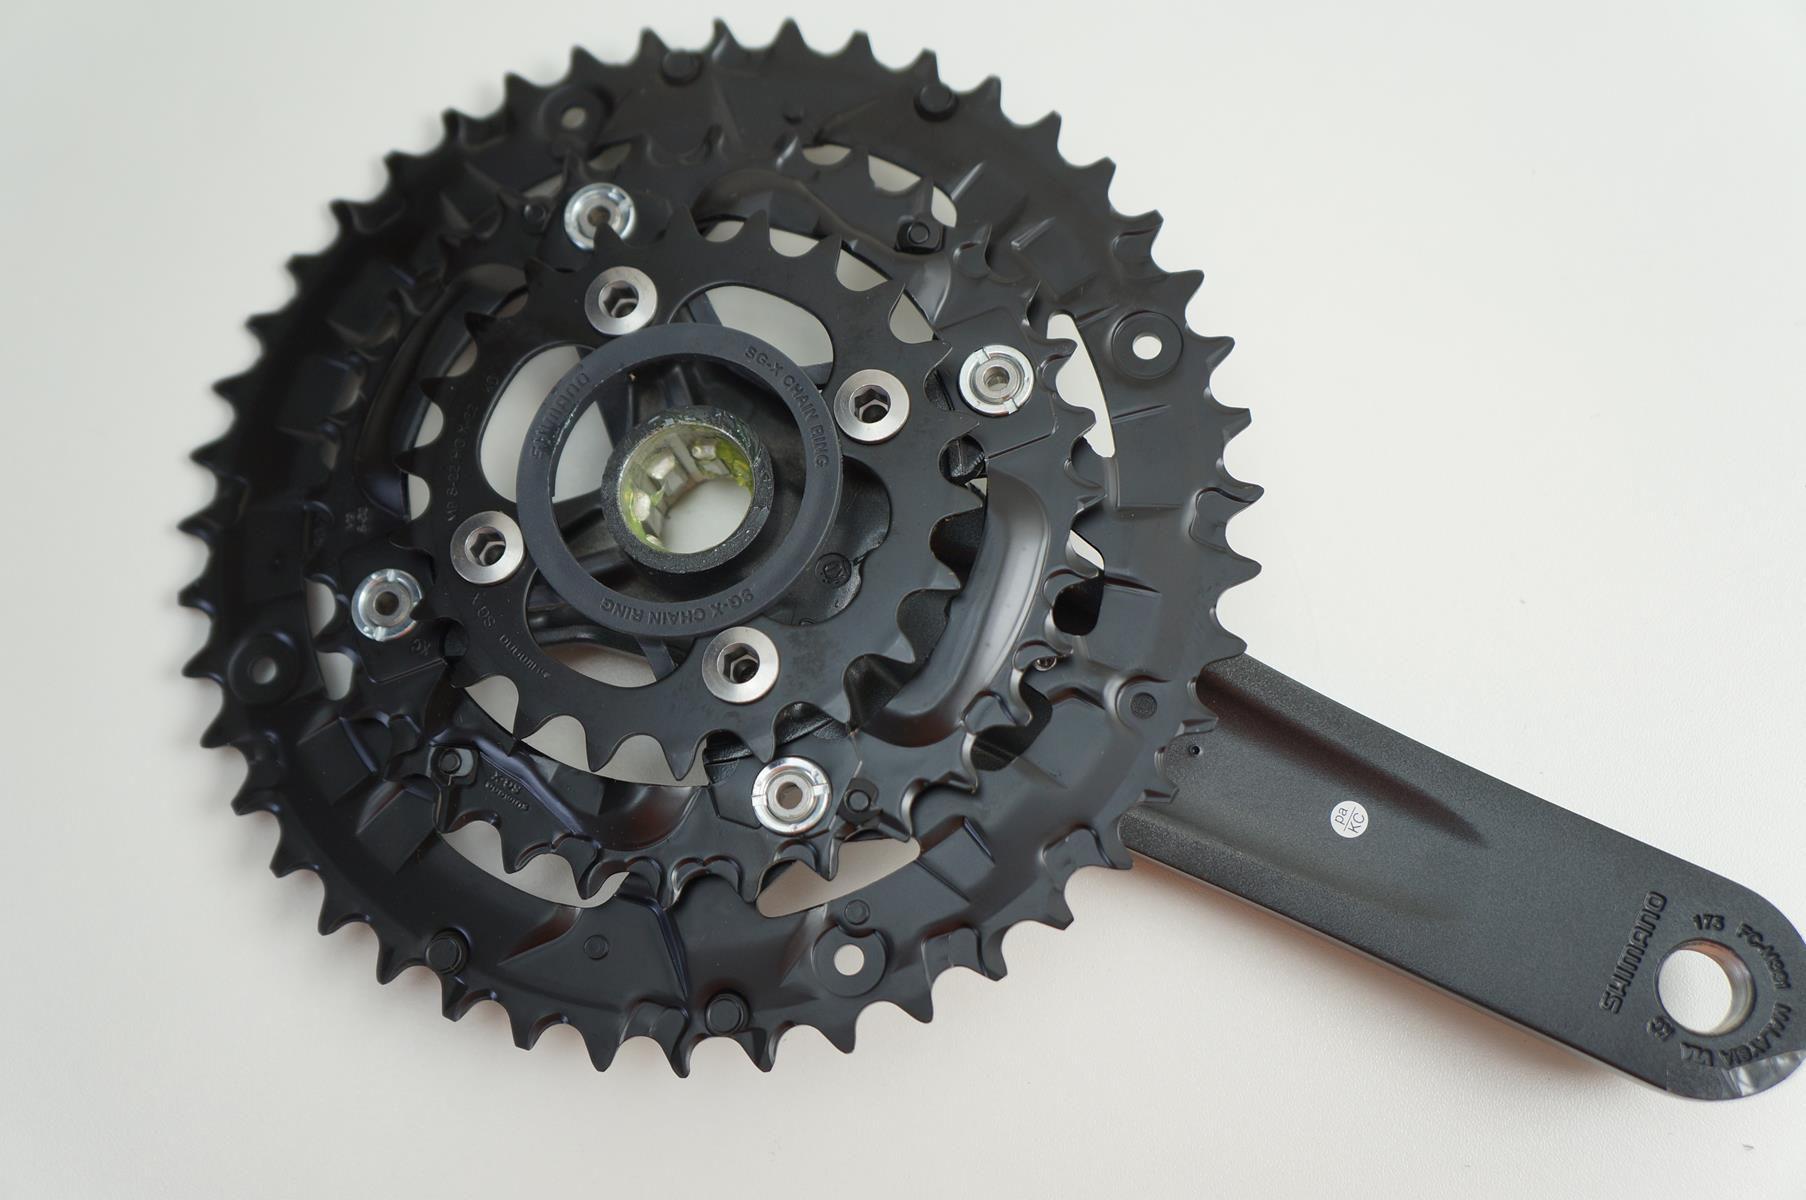 Pedivela Triplo Bicicleta Shimano Acera M391 9v 44-32-22d 175mm Eixo Octalink